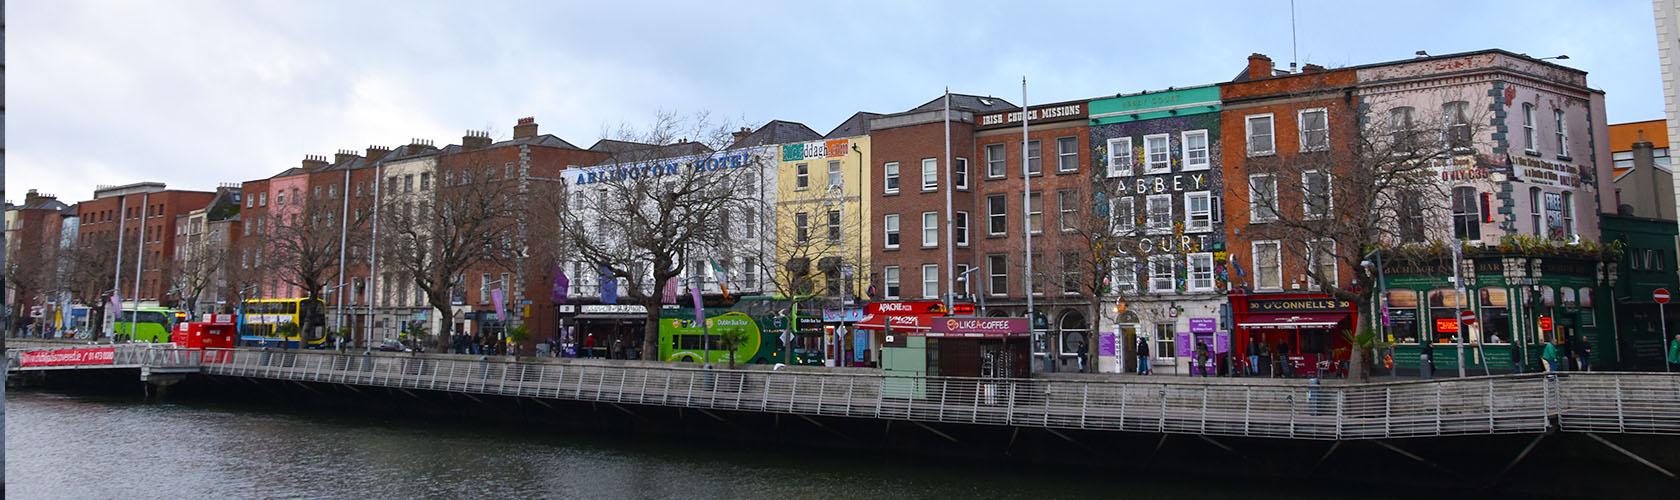 48 uur in Dublin – de hoogtepunten van Dublin